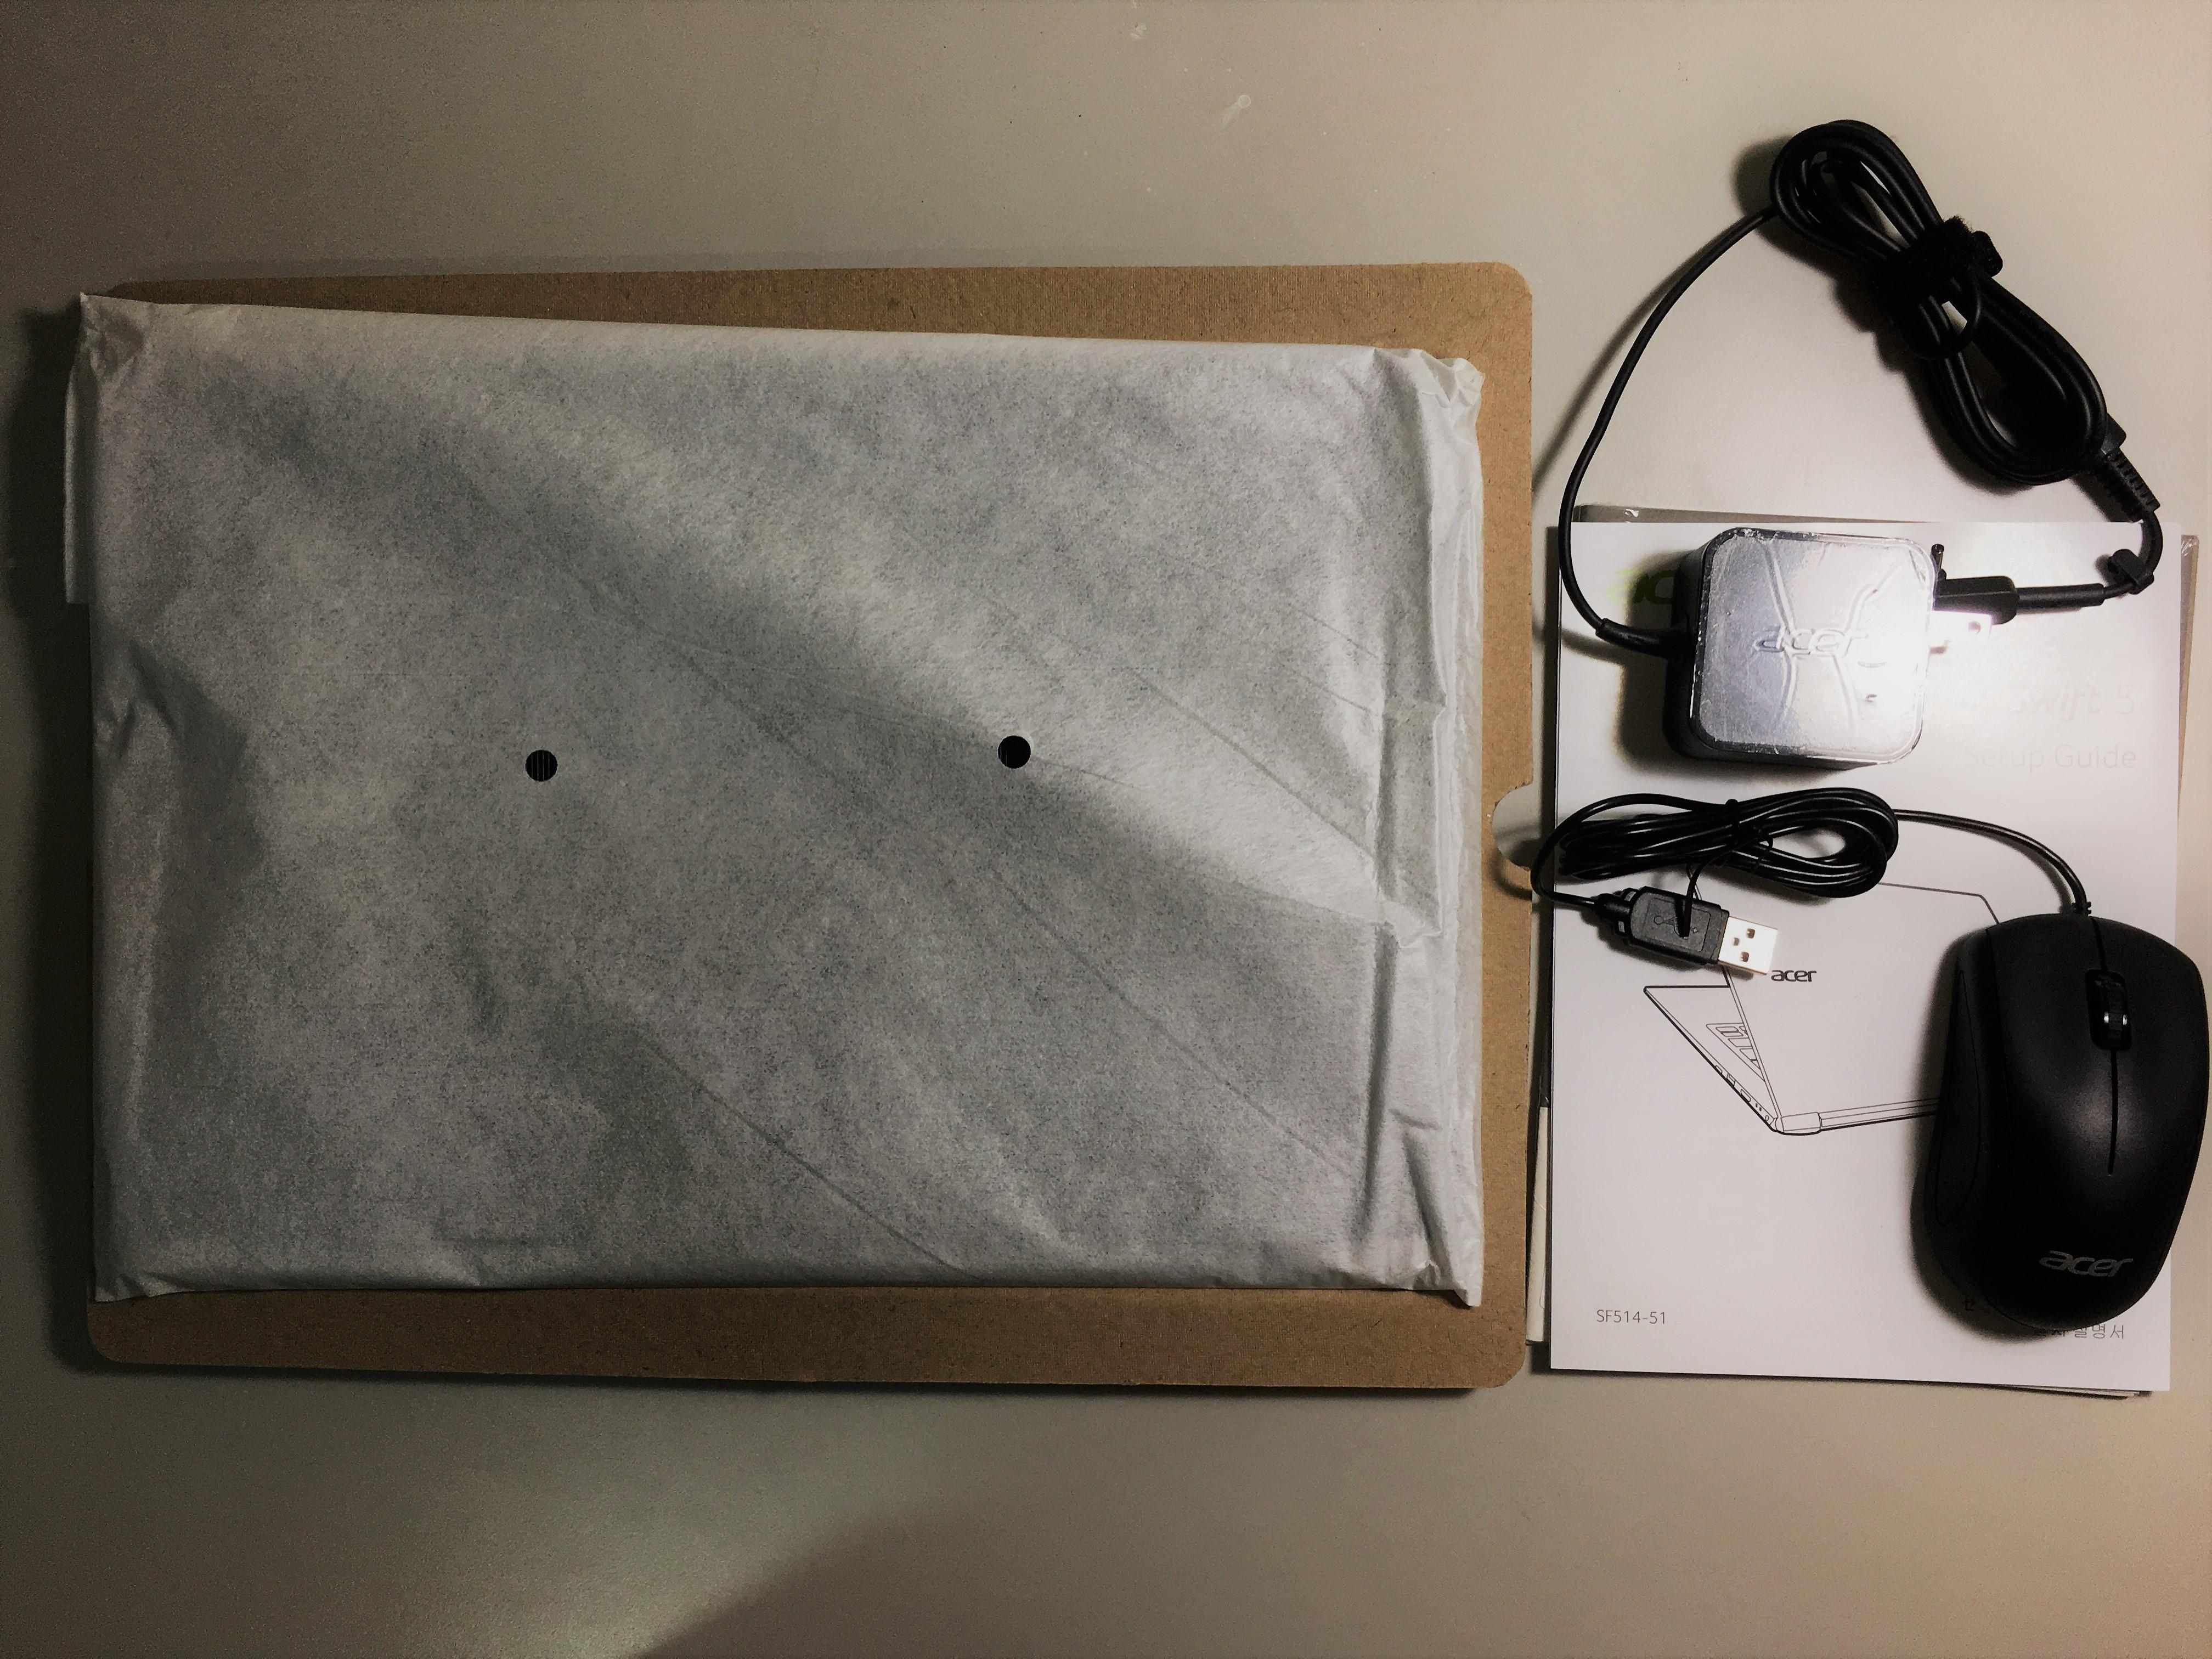 打開後,左邊違背包覆的筆電,右邊為電源線、滑鼠